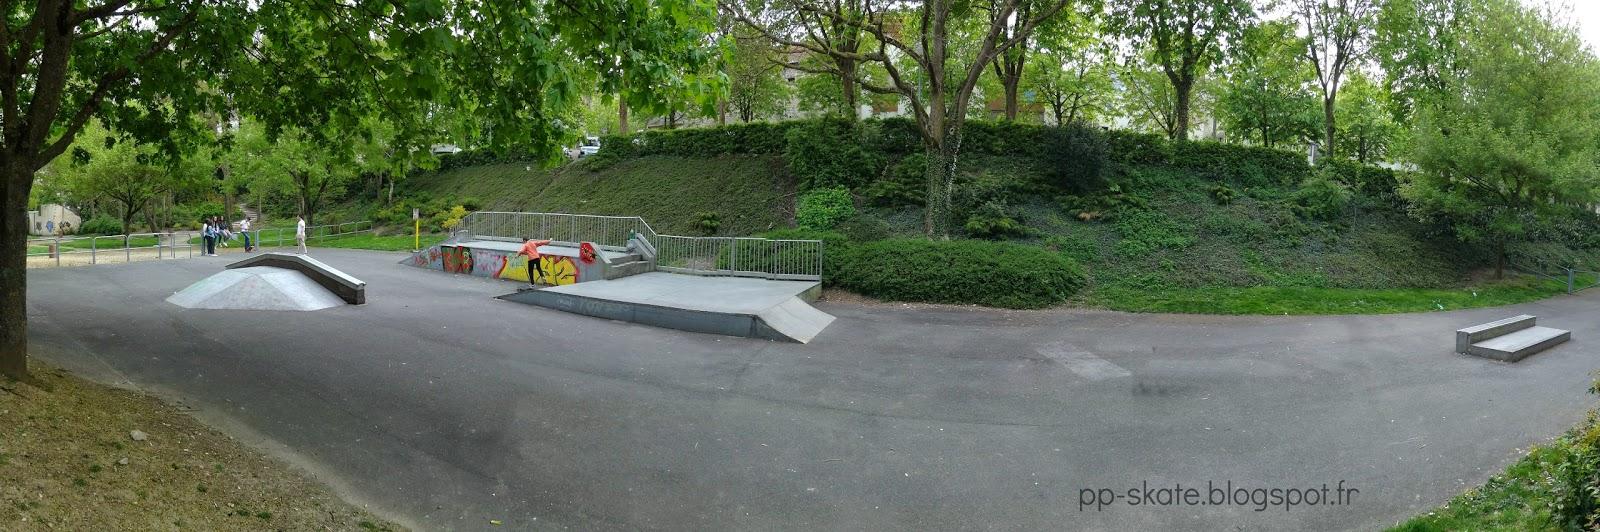 skatepark pithiviers